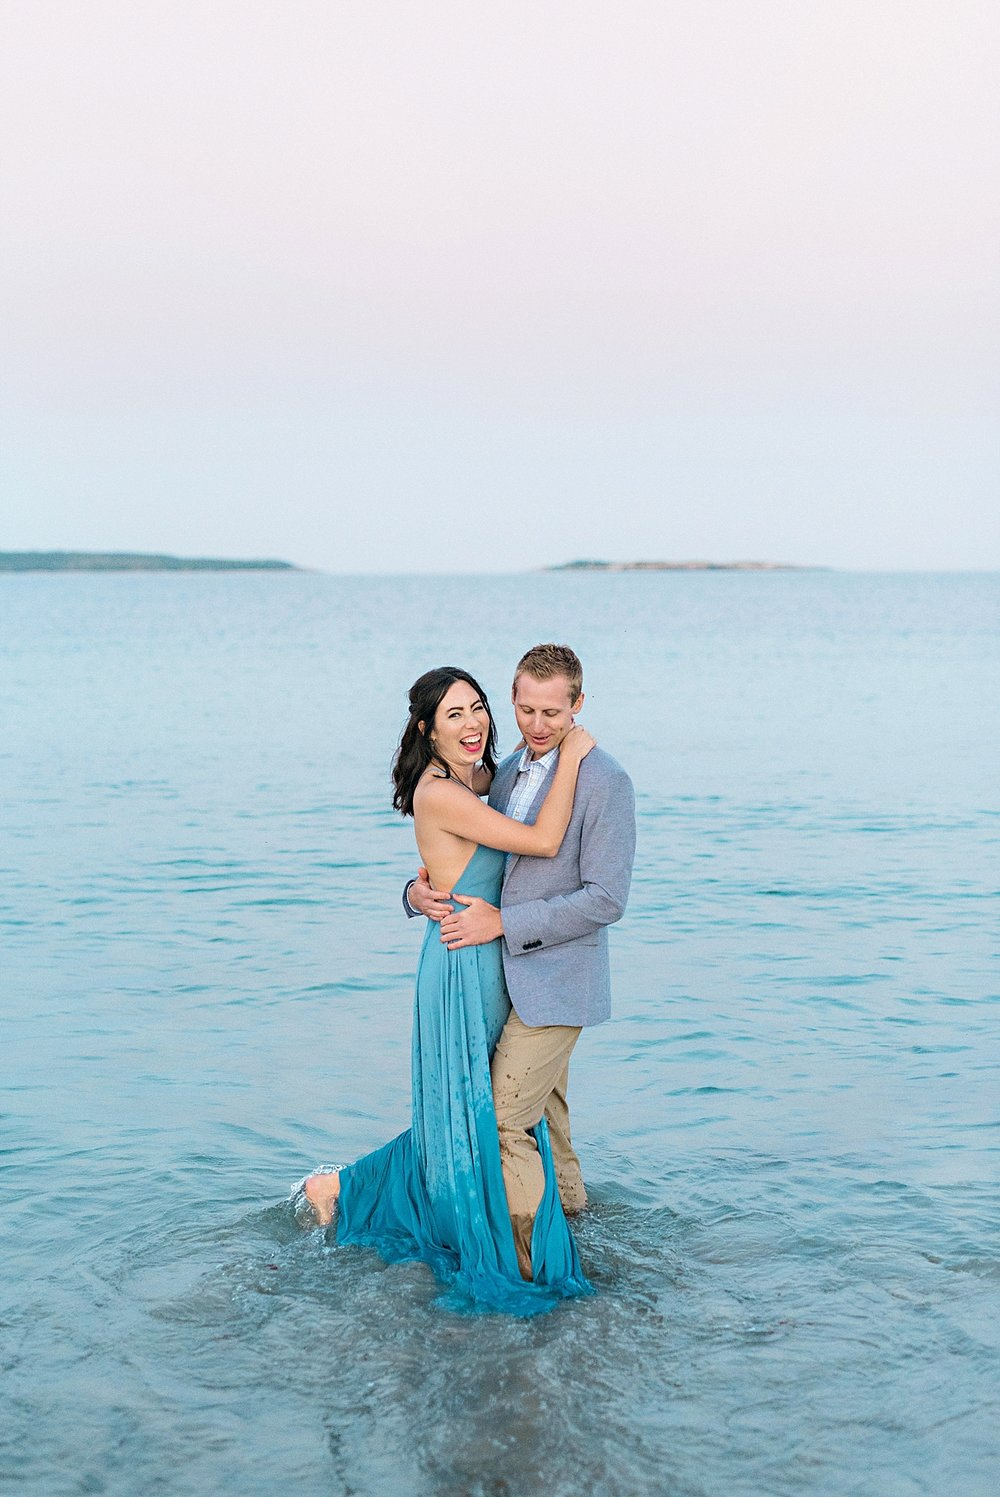 Romantic Seaside Beach Engagement Shoot in Lulu's long flowy maxy dress_043.jpg